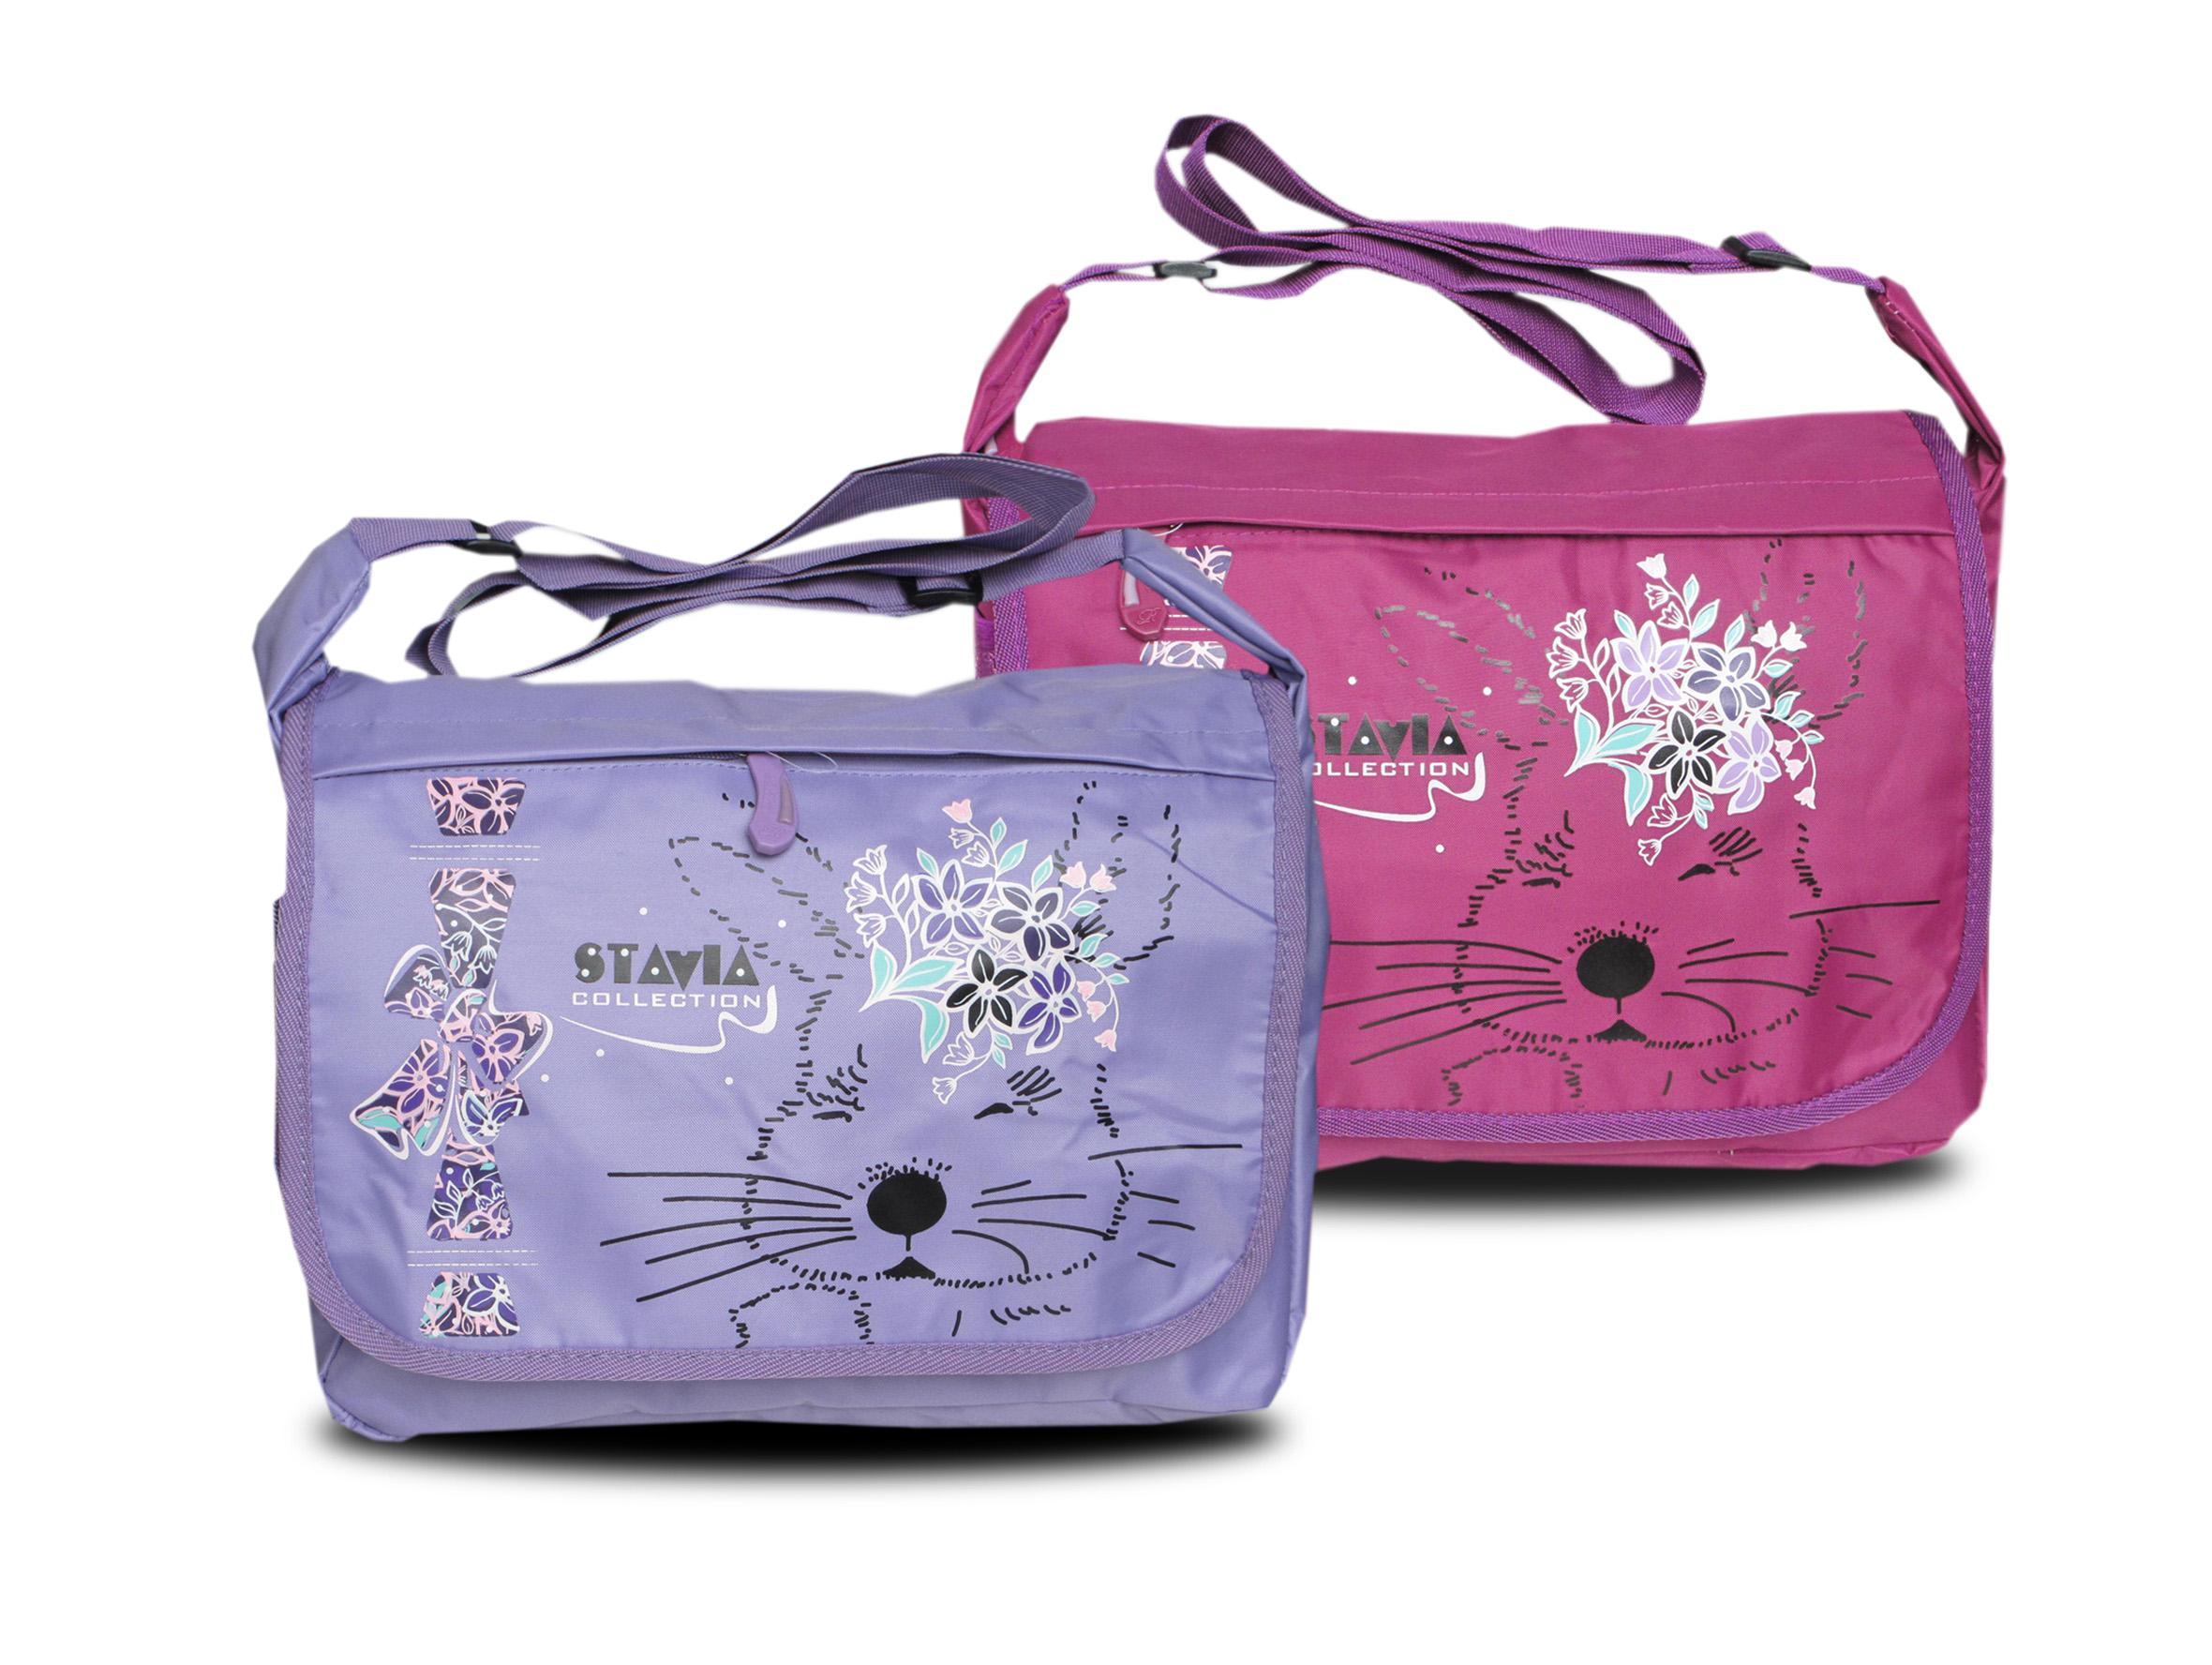 Молодежная сумка на плечо ― Производственная компания СттНск, тапочки,  сланцы, сумки, рюкзаки, обложки для документов оптом в Новосибирске 5d5bb5a7a7c